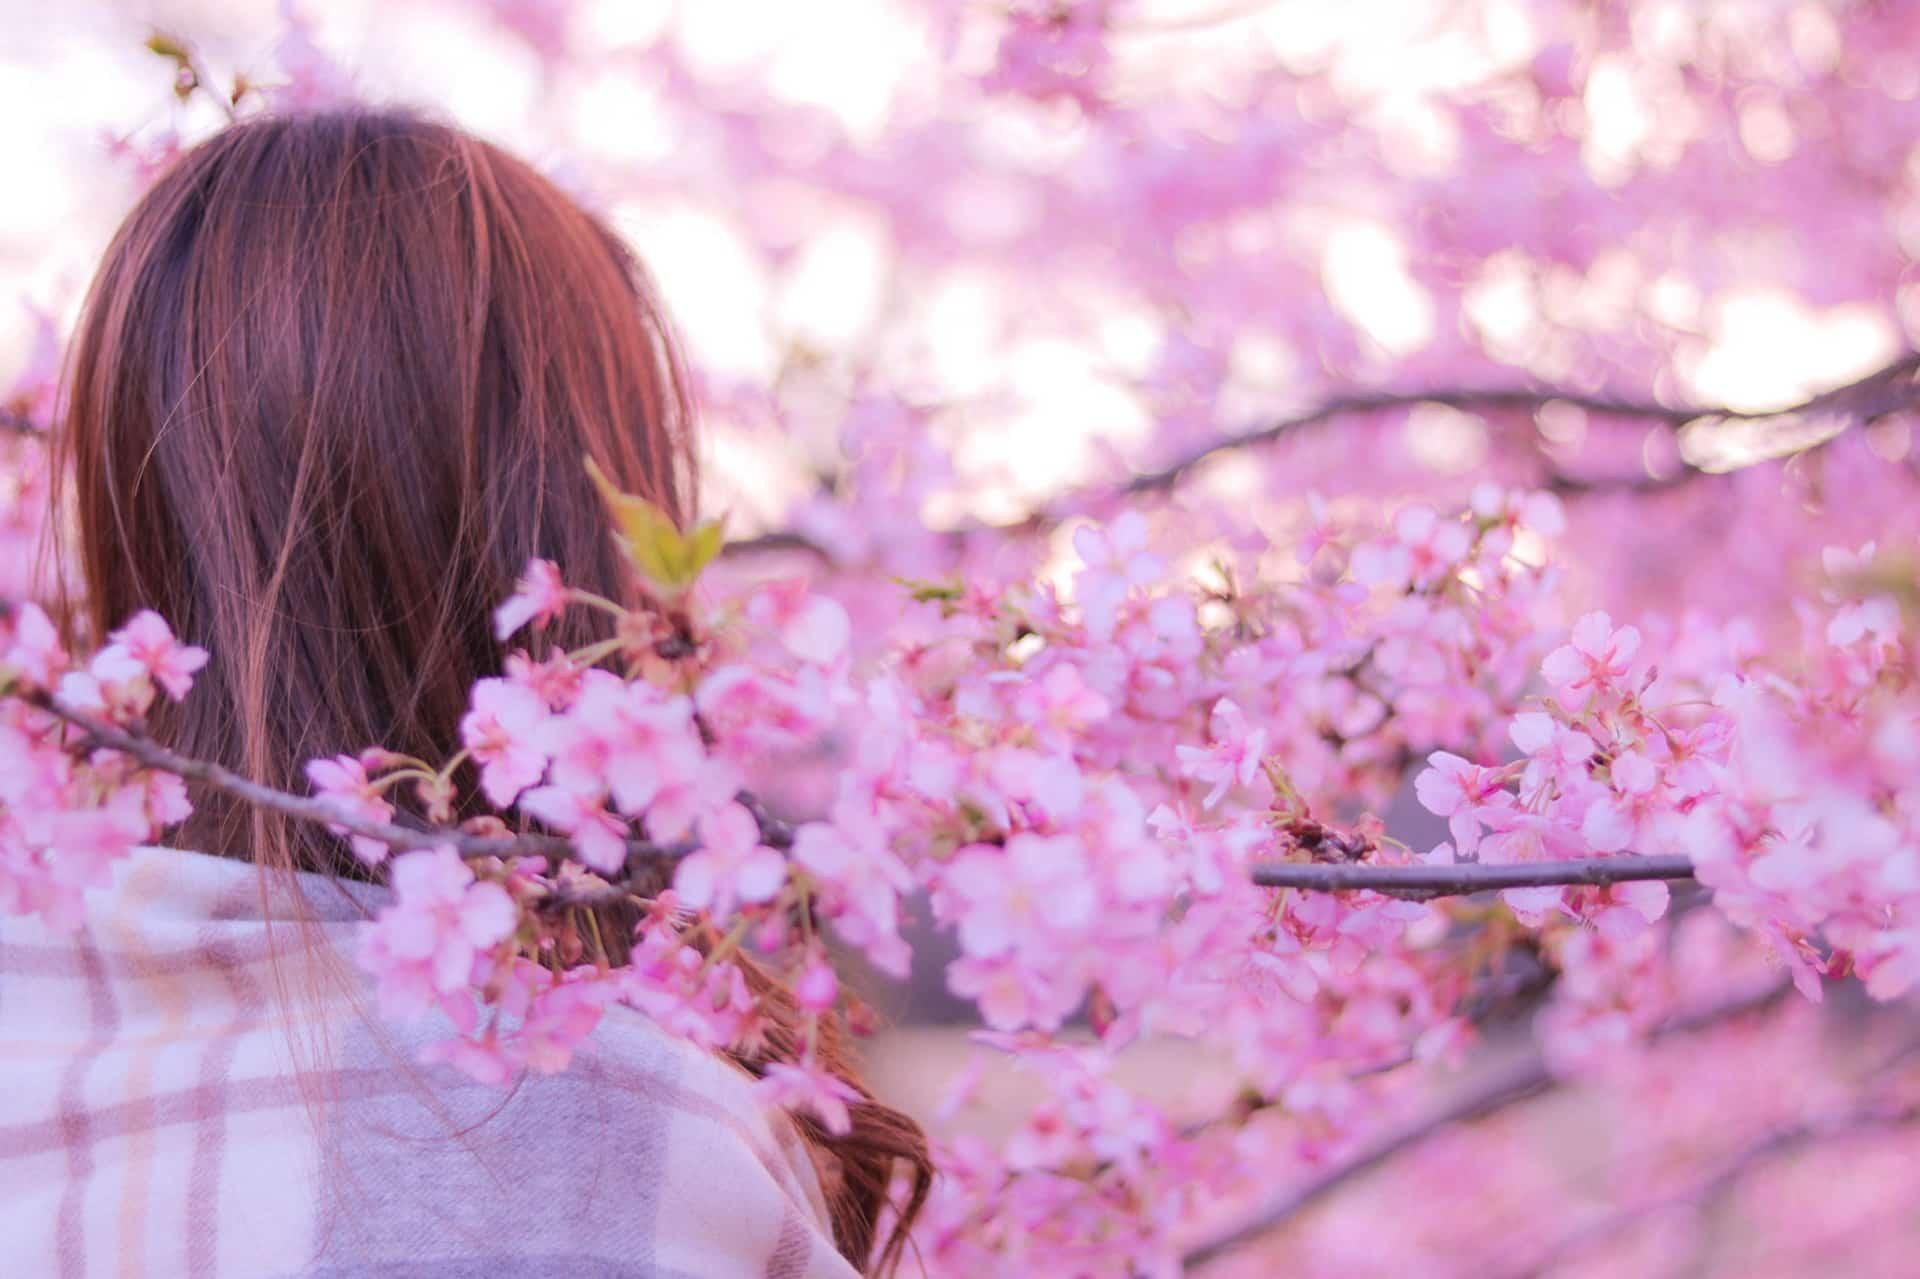 【2018年最新版】桜ソング厳選26曲。最新曲から懐かしい名曲までを特集してみました